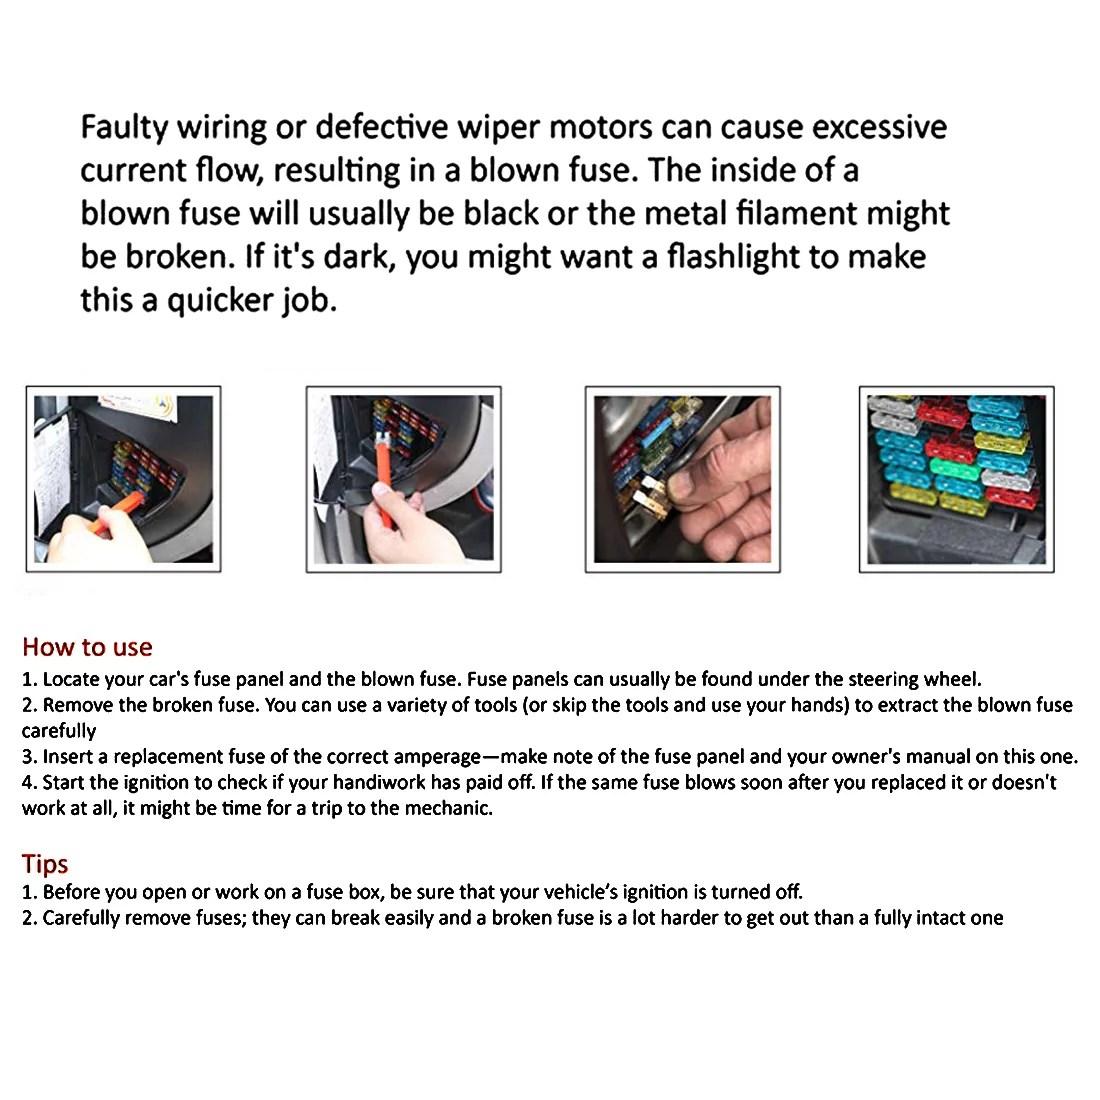 hight resolution of 120pcs car fuses kit low profile mini fuse assortment 5 7 5 10 15 20 25 30a